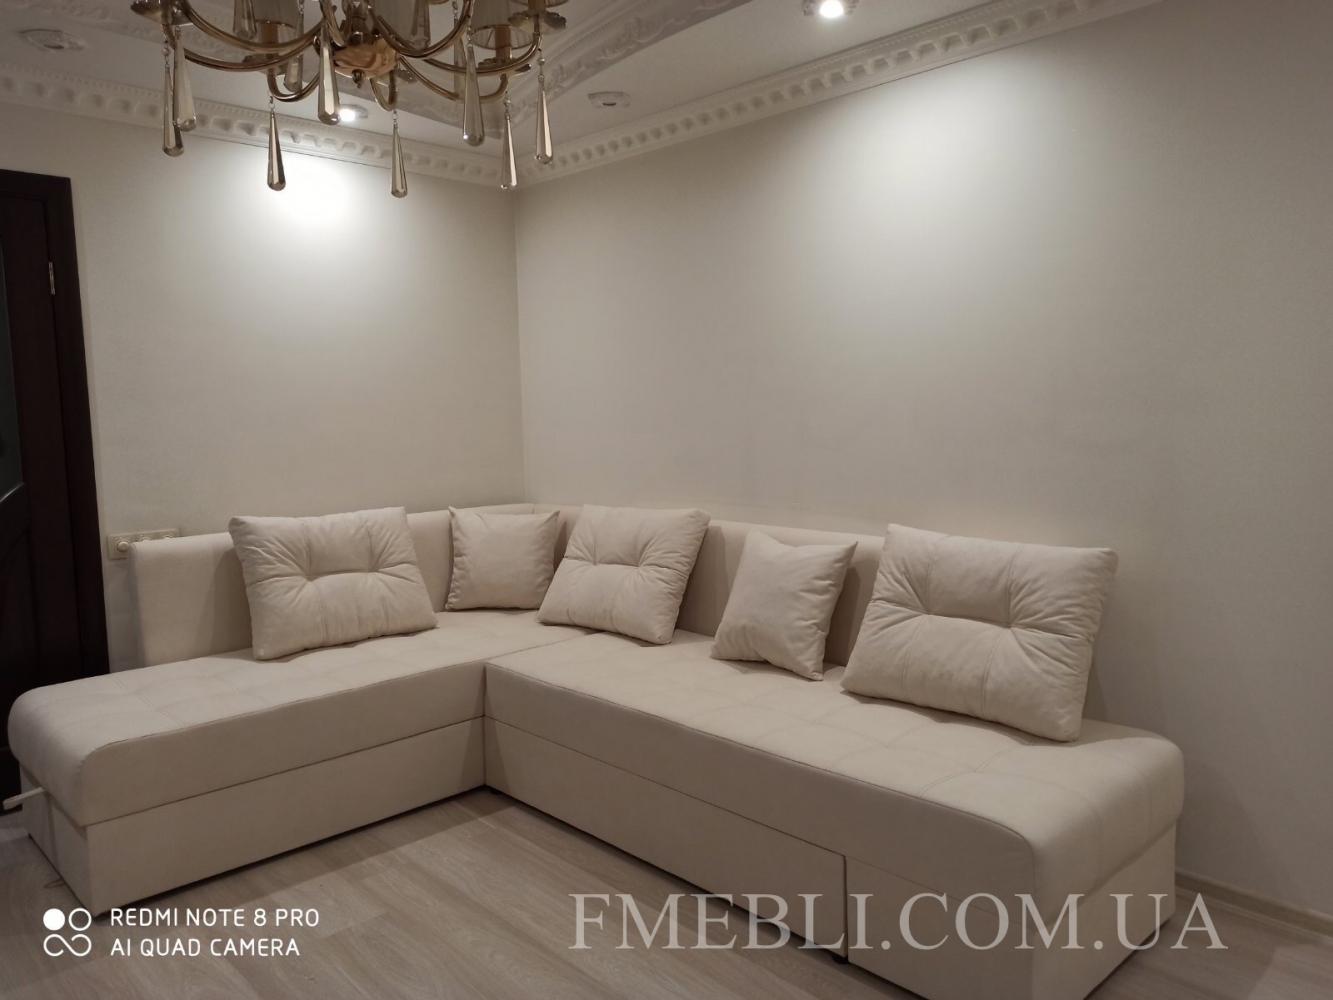 Кутовий диван Преміум + Відеоогляд 5